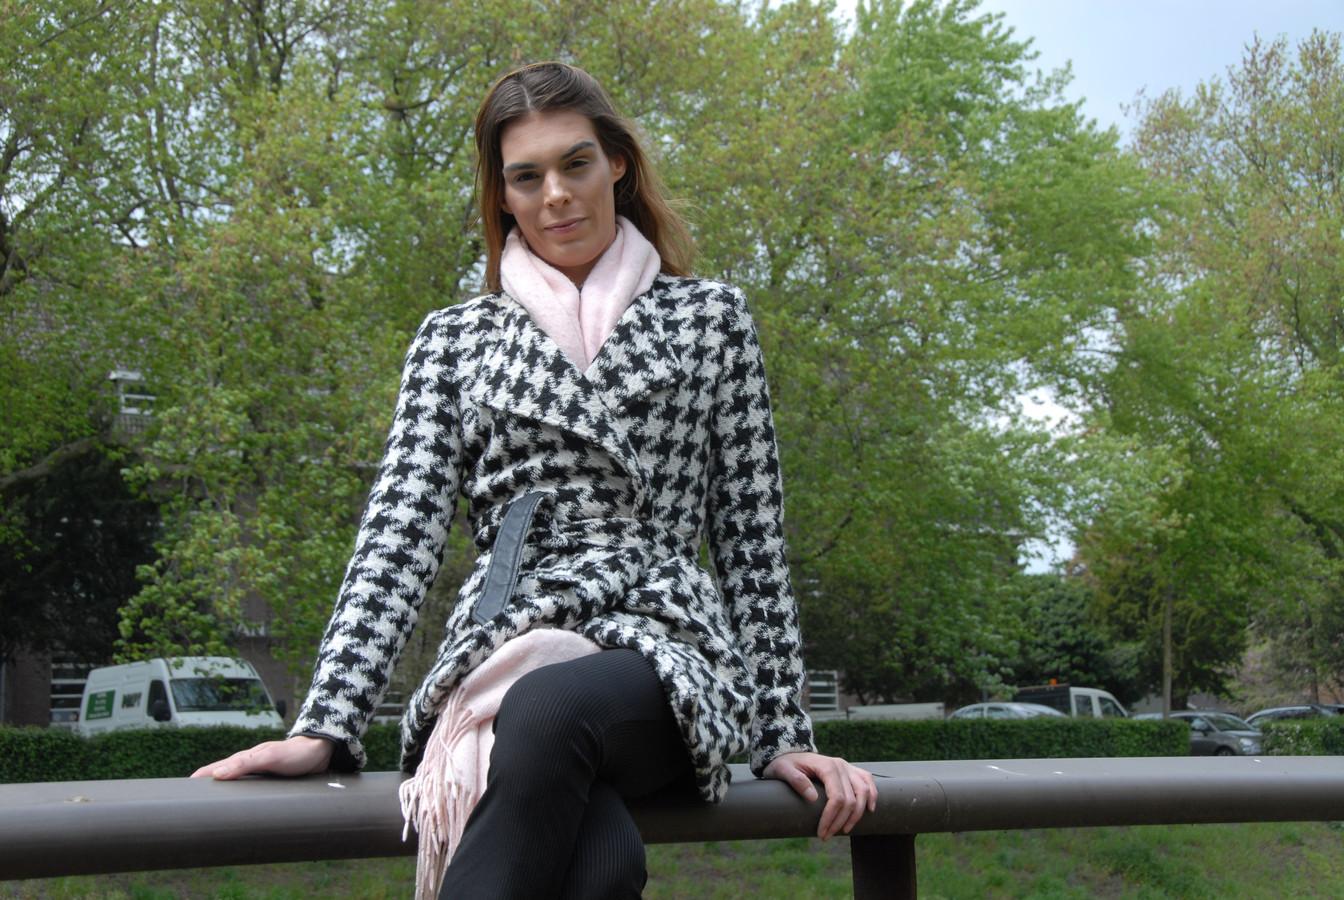 Samen met elf andere vrouwen gaat de Bossche Kim Verstappen(23) de komende weken de strijd aan om de titel Miss Gay Holland 2020 te bemachtigen.